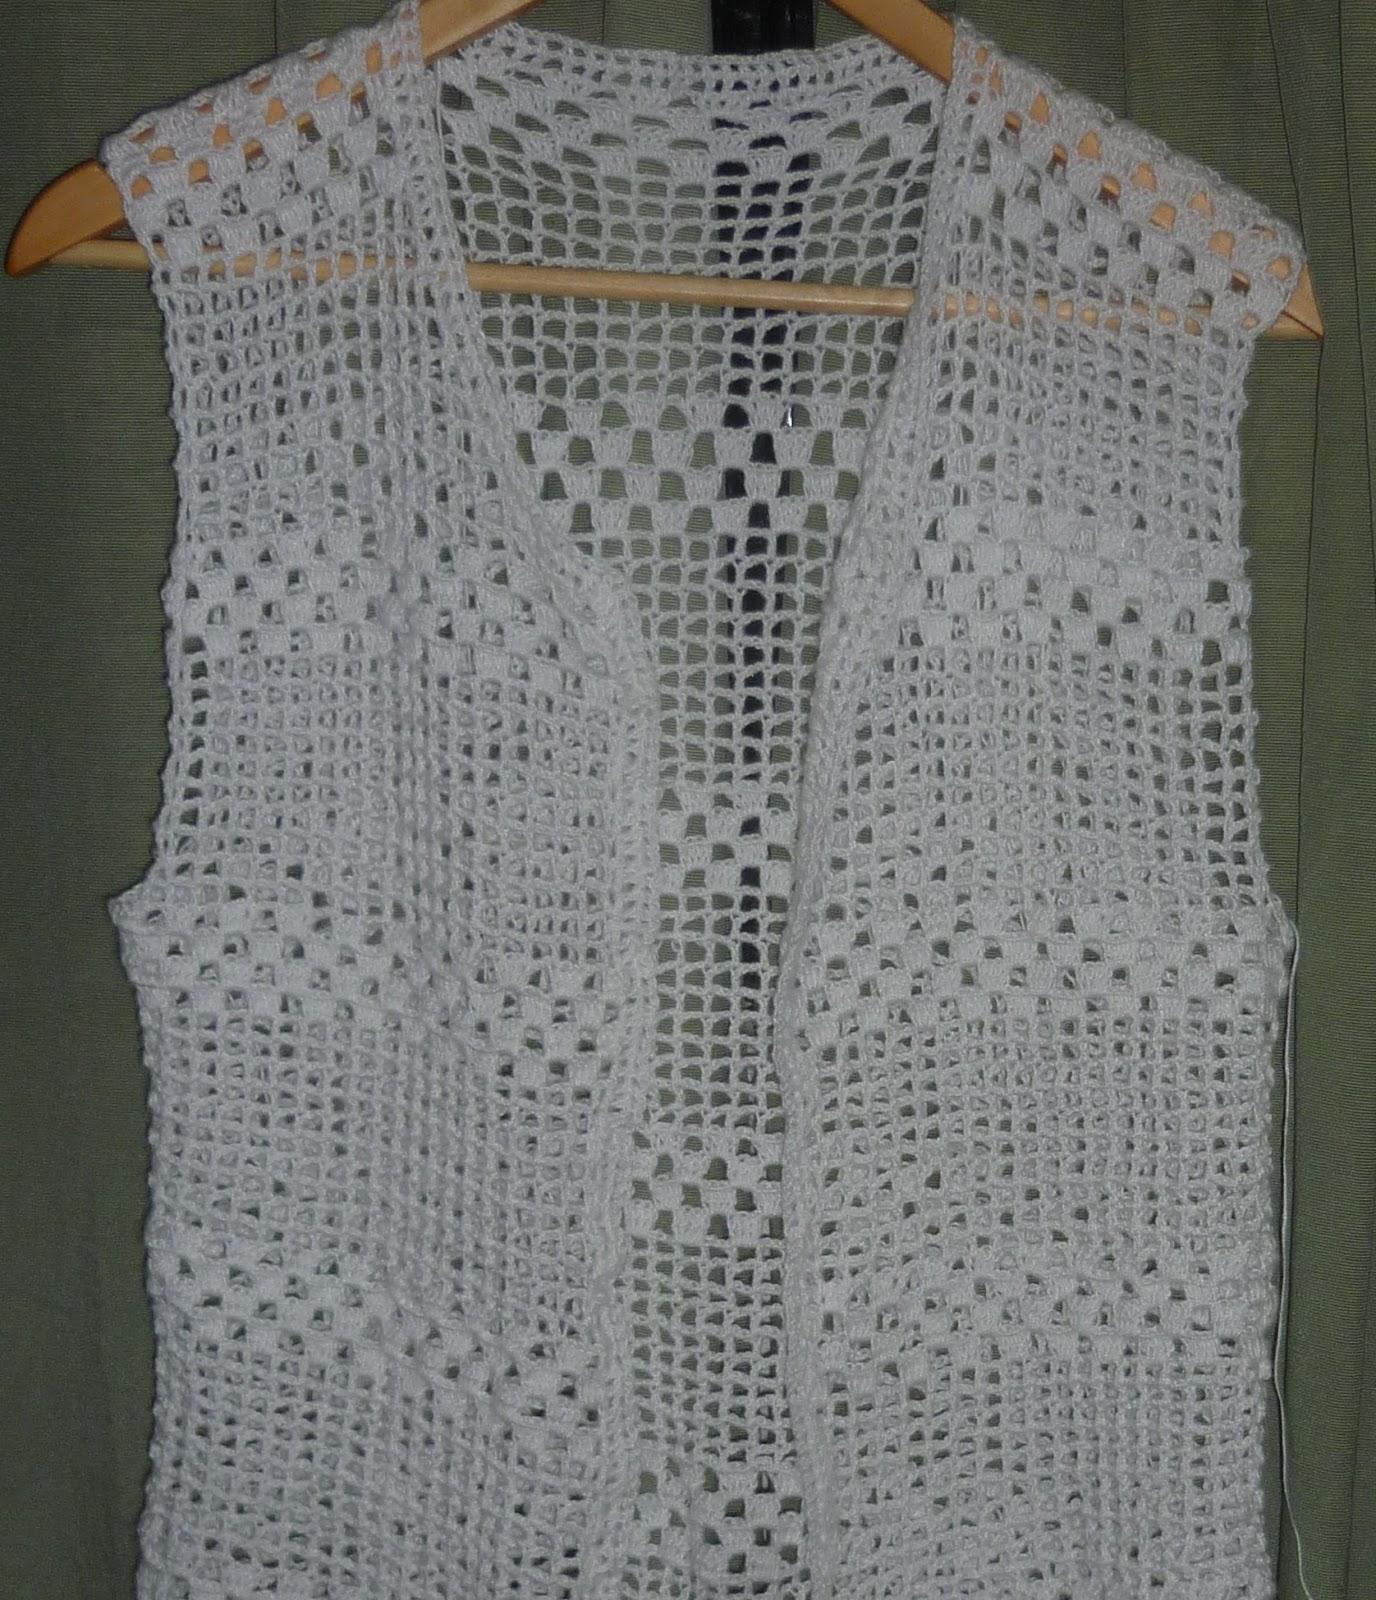 Dise o artesanal chalecos de hilo for Disenos de chalecos